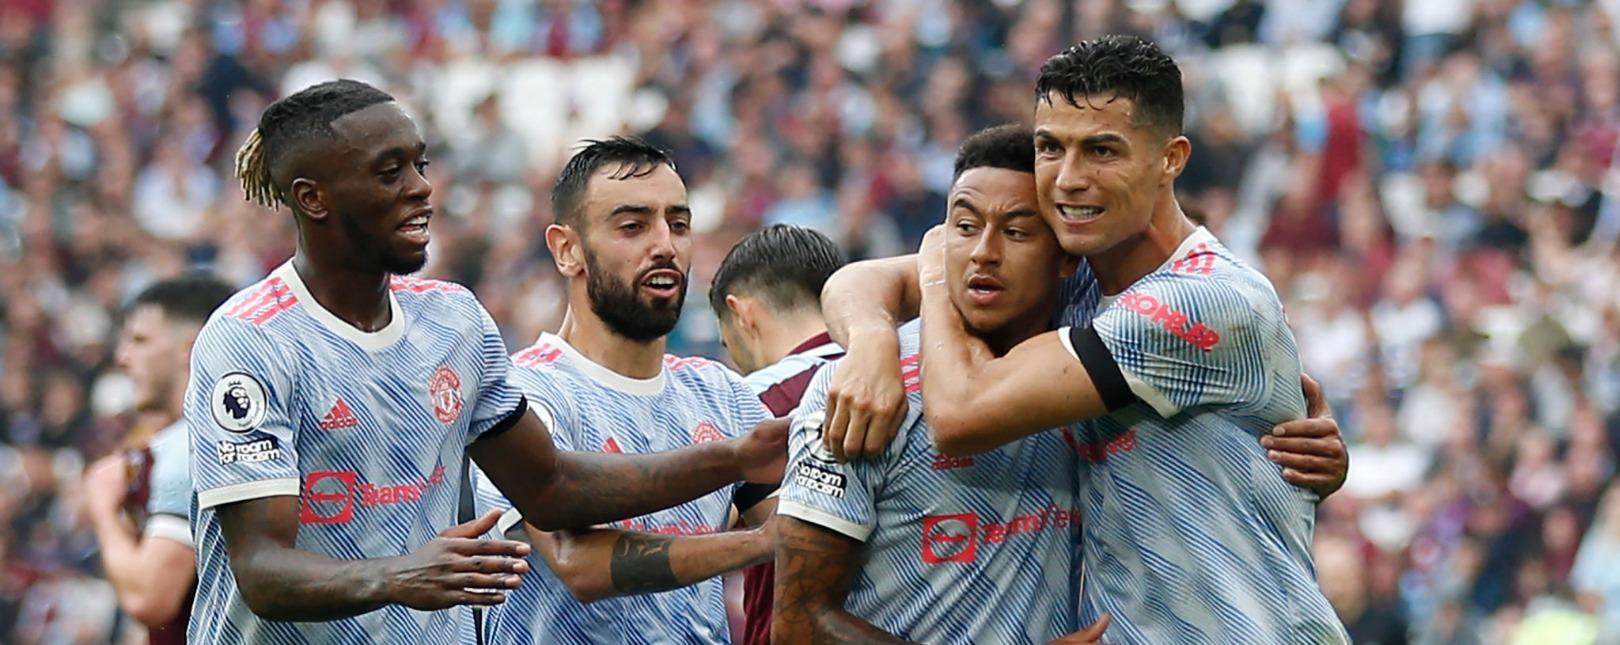 مانشستر يونايتد يحقق انتصار جديد في الدوري الانغليزي